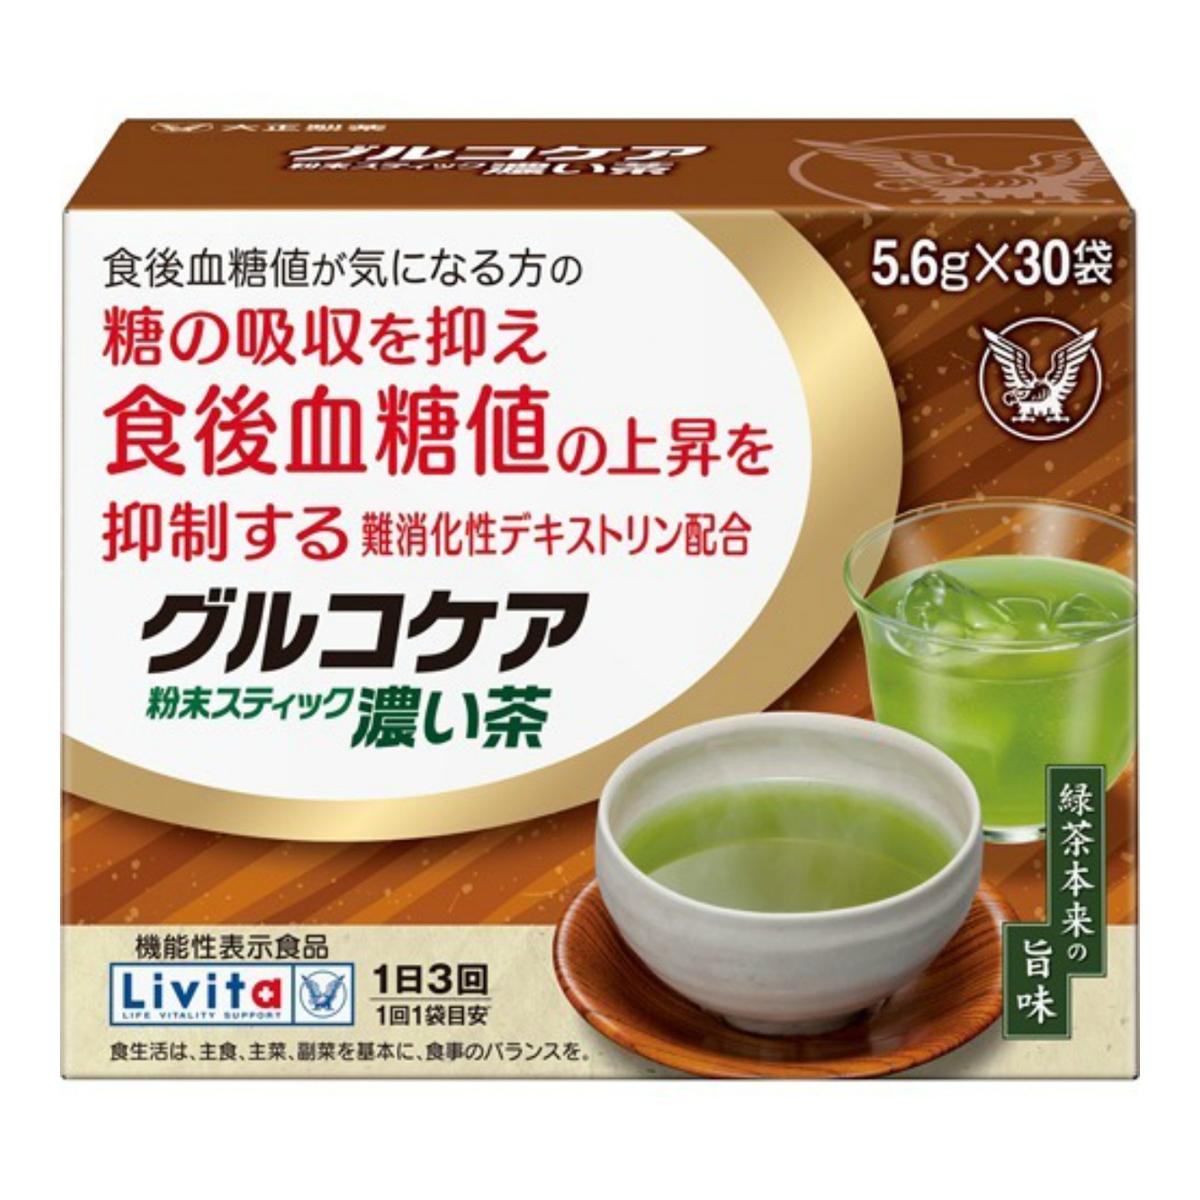 【送料無料・まとめ買い×6個セット】大正製薬 リビタ(Livita) グルコケア 粉末スティック 濃い茶 30袋入